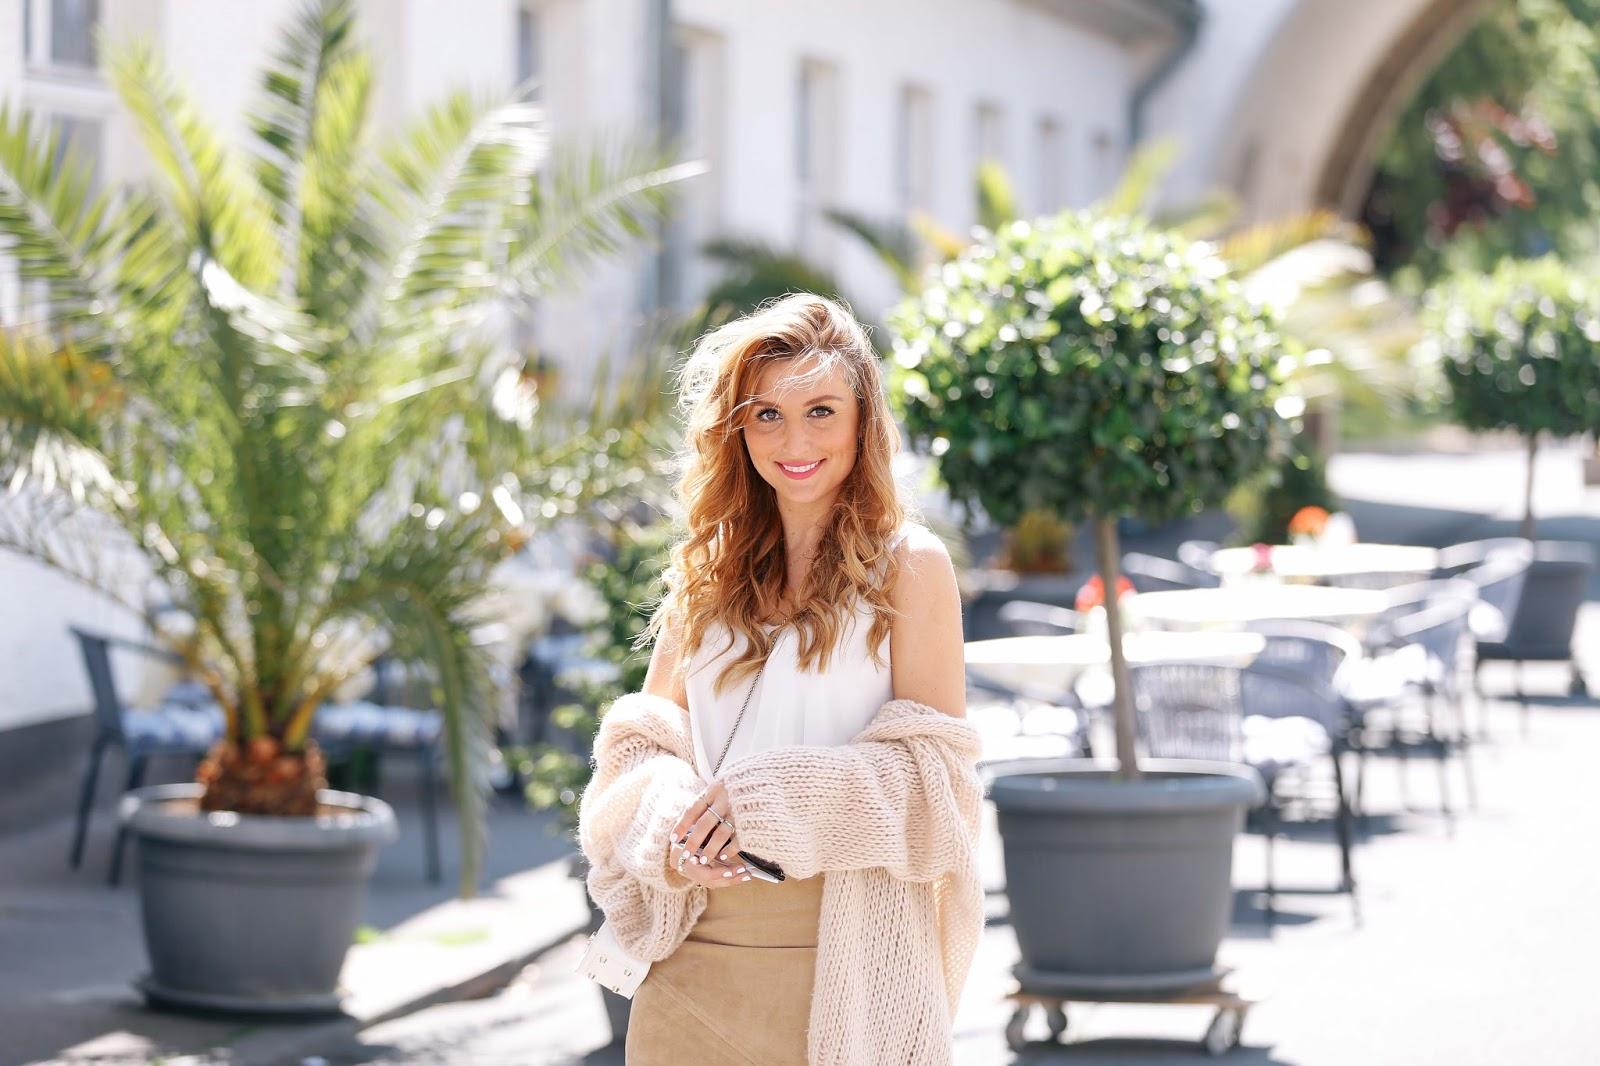 weiße-tasche-kombinieren-fashionstylebyjohanna-blogger-aus-frankfurt-frankfurt-fashionblogger